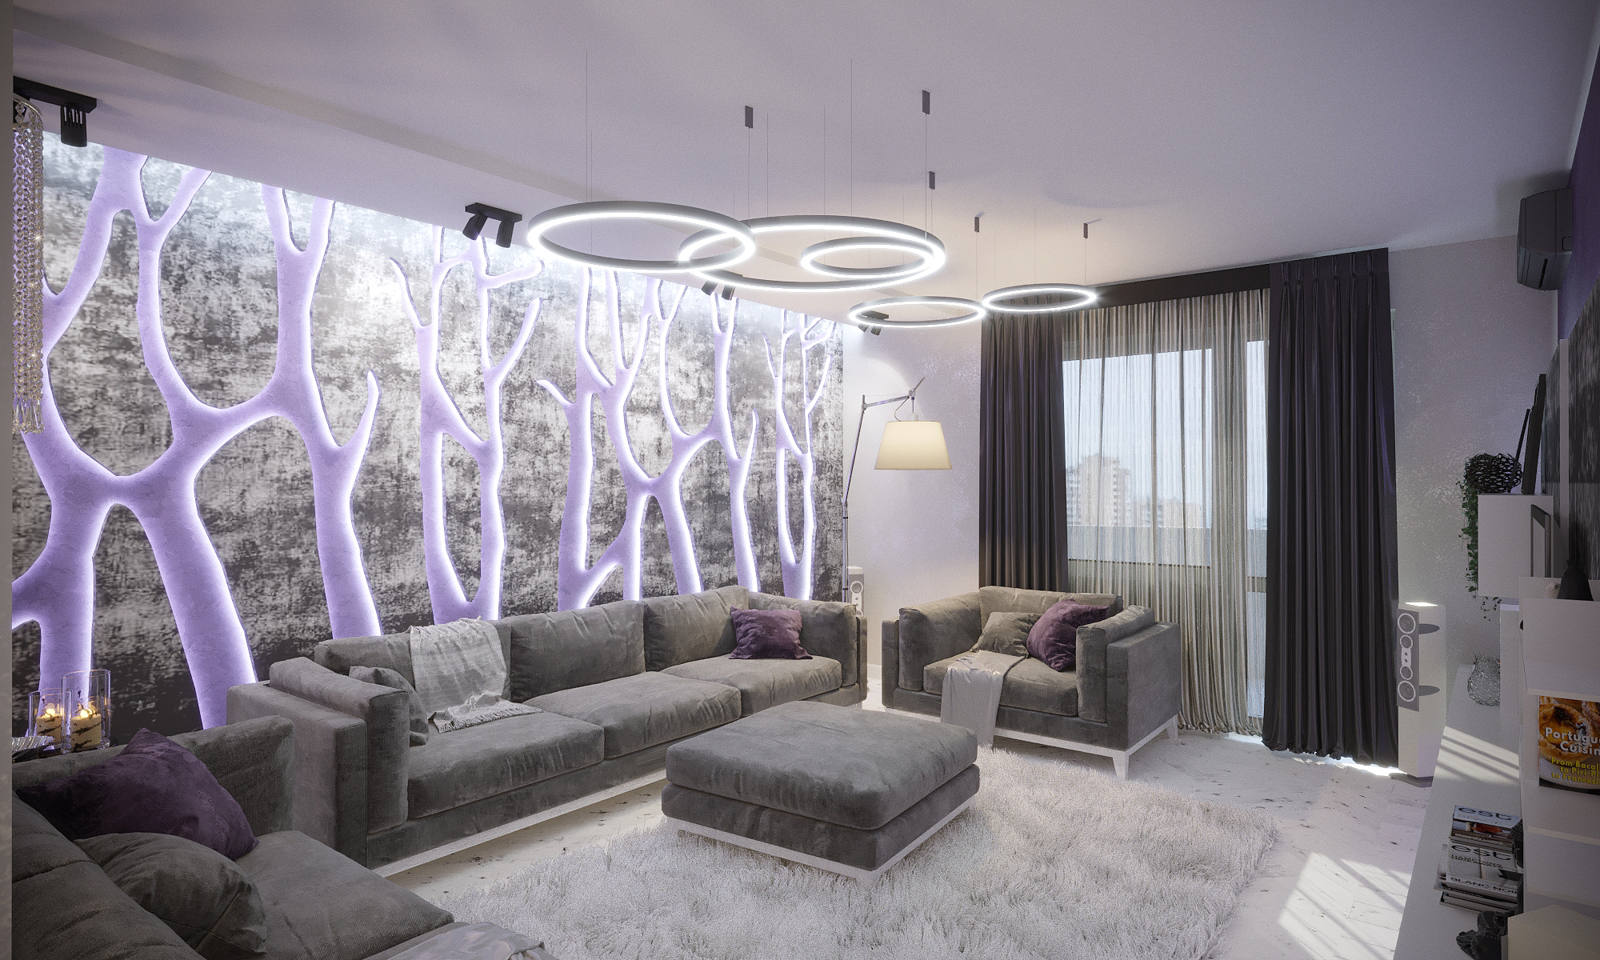 Дизайн нтерьера гостинной декор на стенах, подсветка деревья Киев